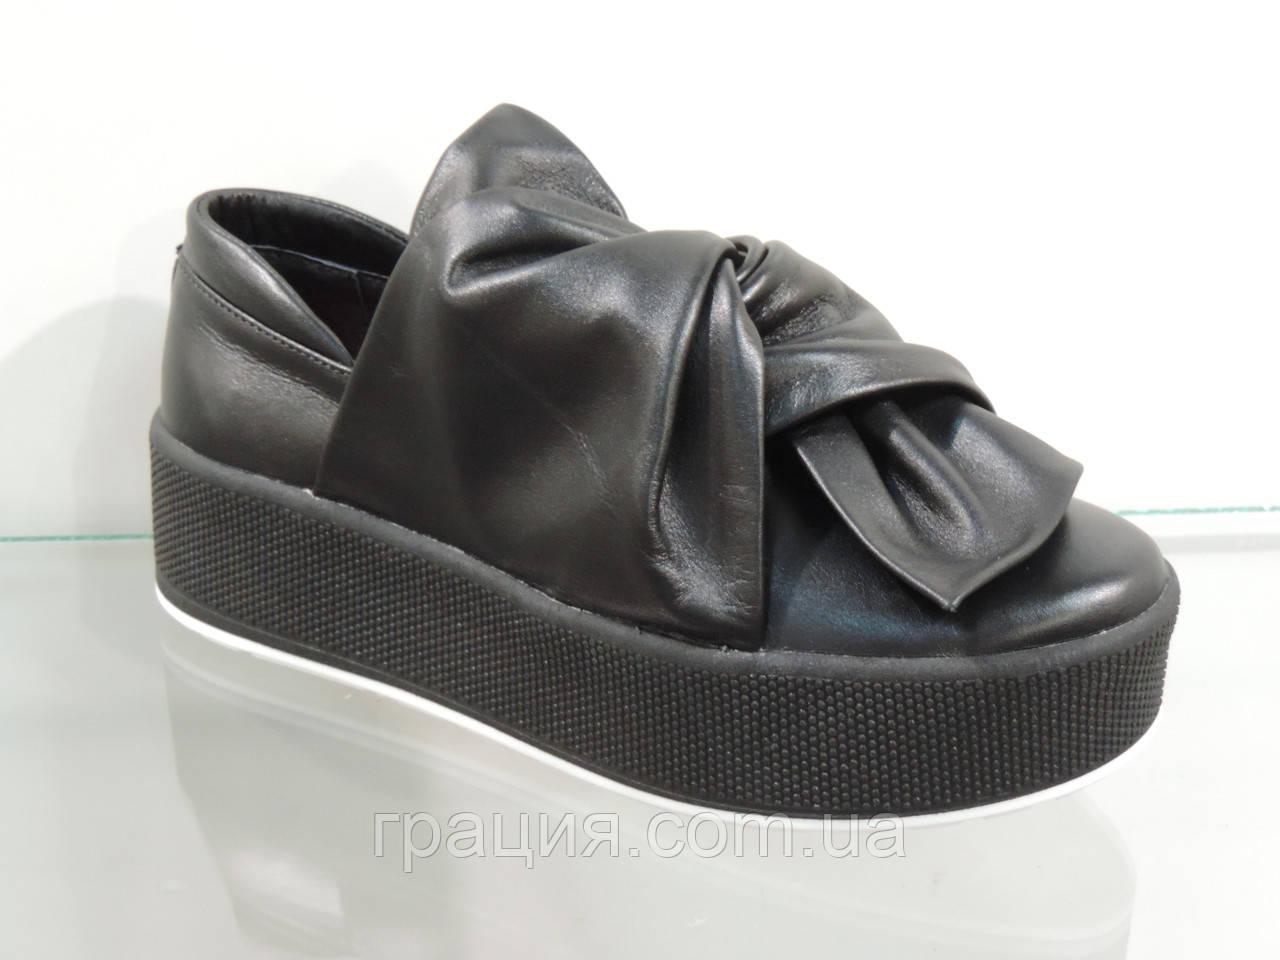 Модные молодежные туфли на платформе натуральная кожа